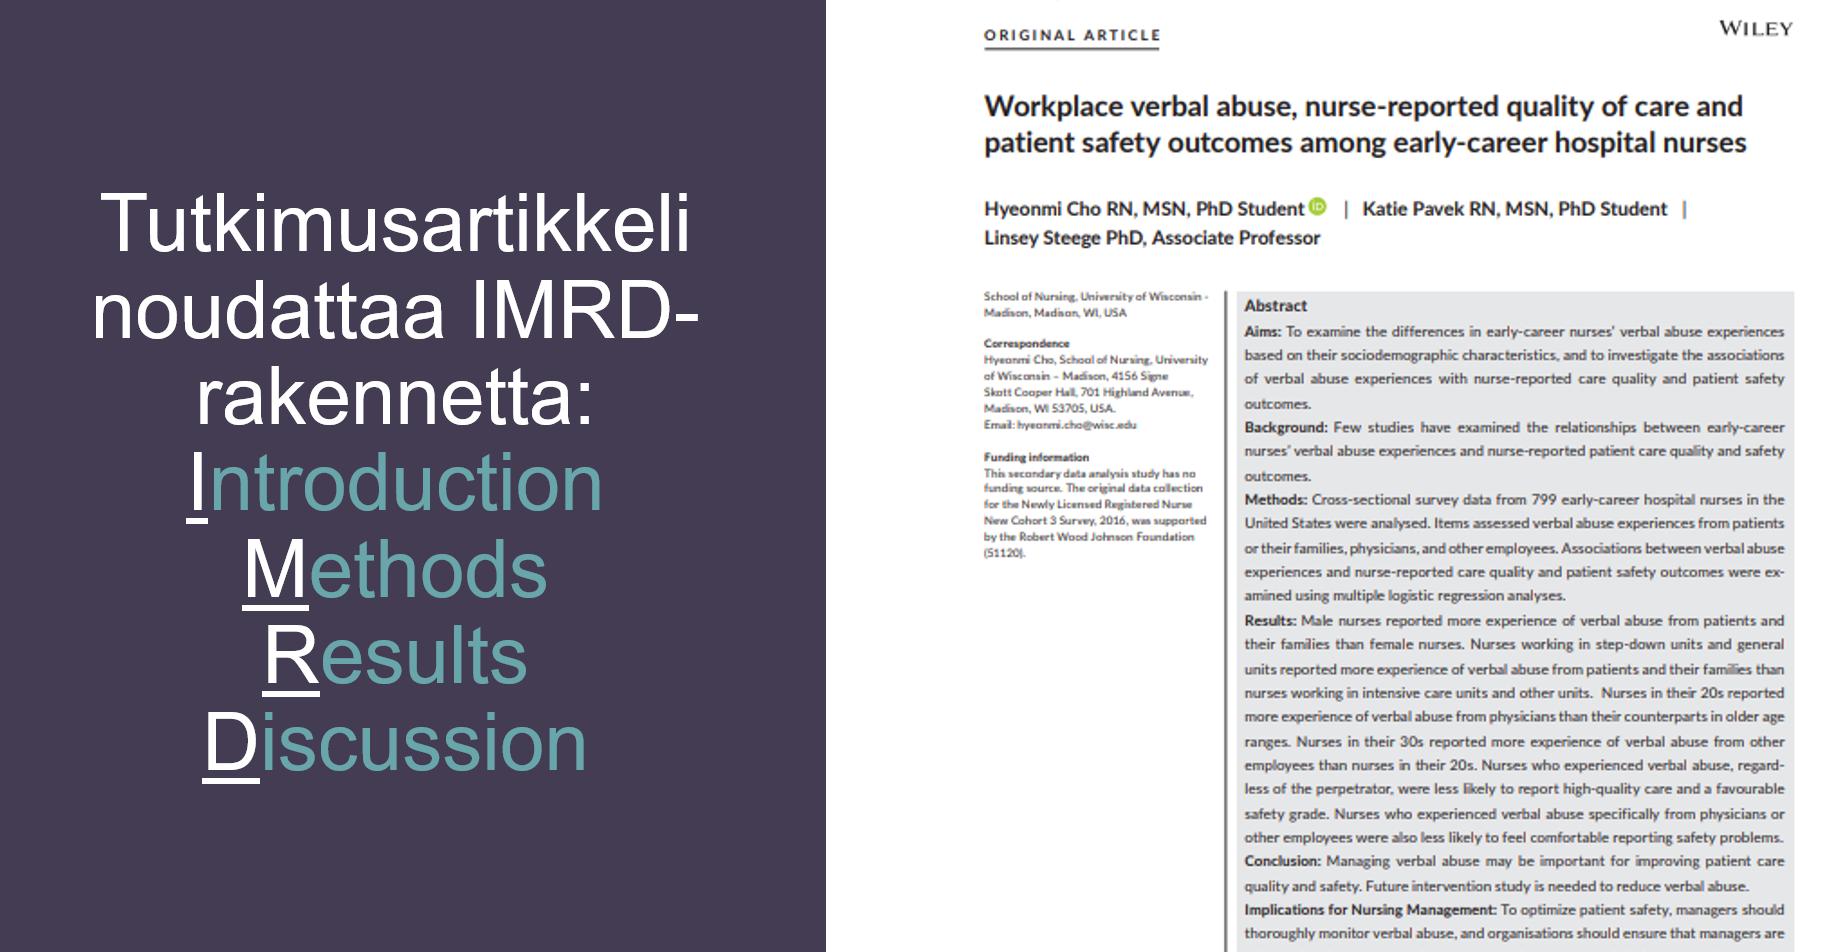 Tutkimusartikkelin rakenne noudattaa monesti IMRD-rakennetta. Lyhenteessä I on Introductin, M on Methods, R on Results ja D on Discussion.